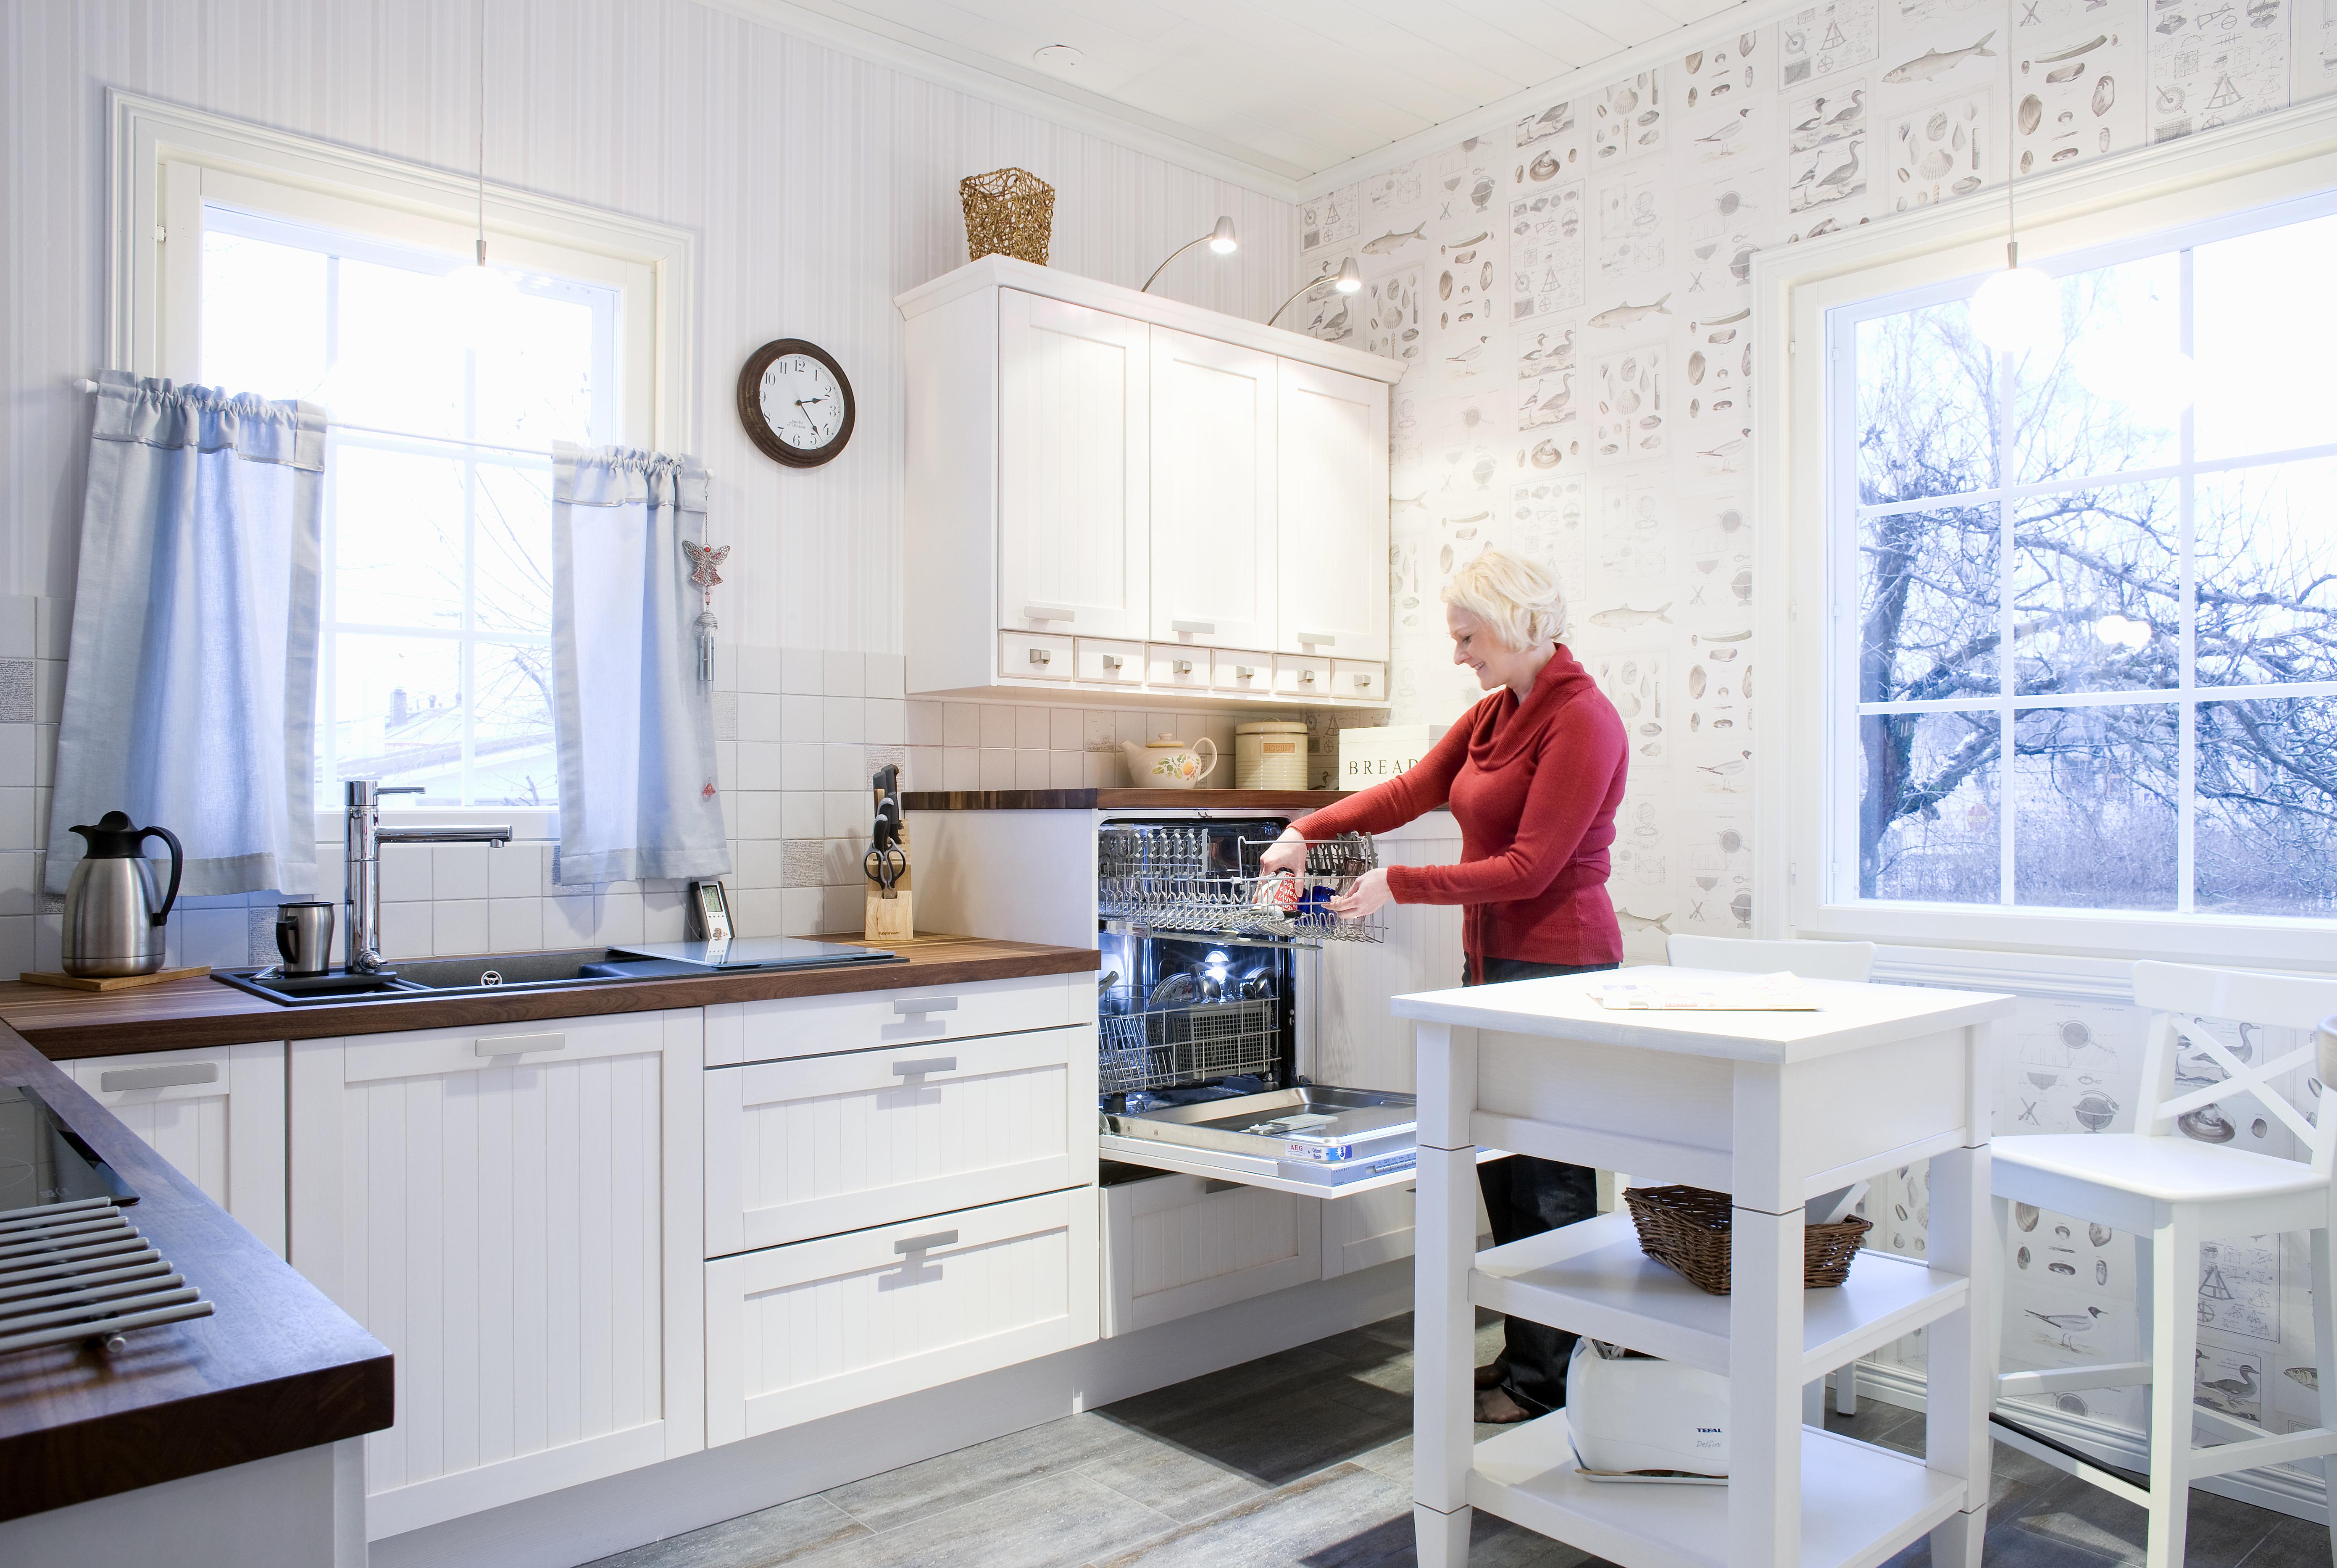 Kaikki lähellä. Soili on keittiössään erityisen tyytyväinen Blancon kolhiintumattomaan Silgranit-altaaseen. Lasinen leikkuualusta on kätevä vetää altaan suojaksi. Kodinkoneet on integroitu Puustellin kalusteisiin.